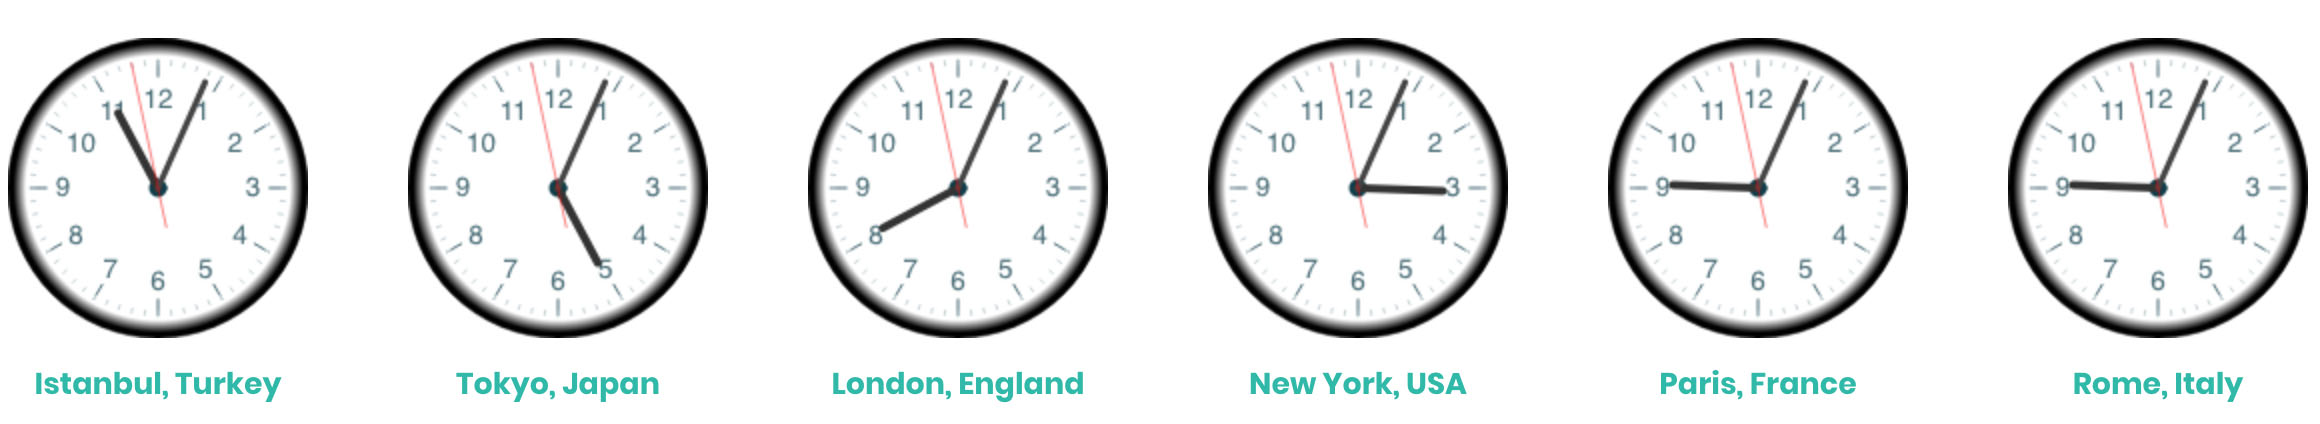 dünya saatleri